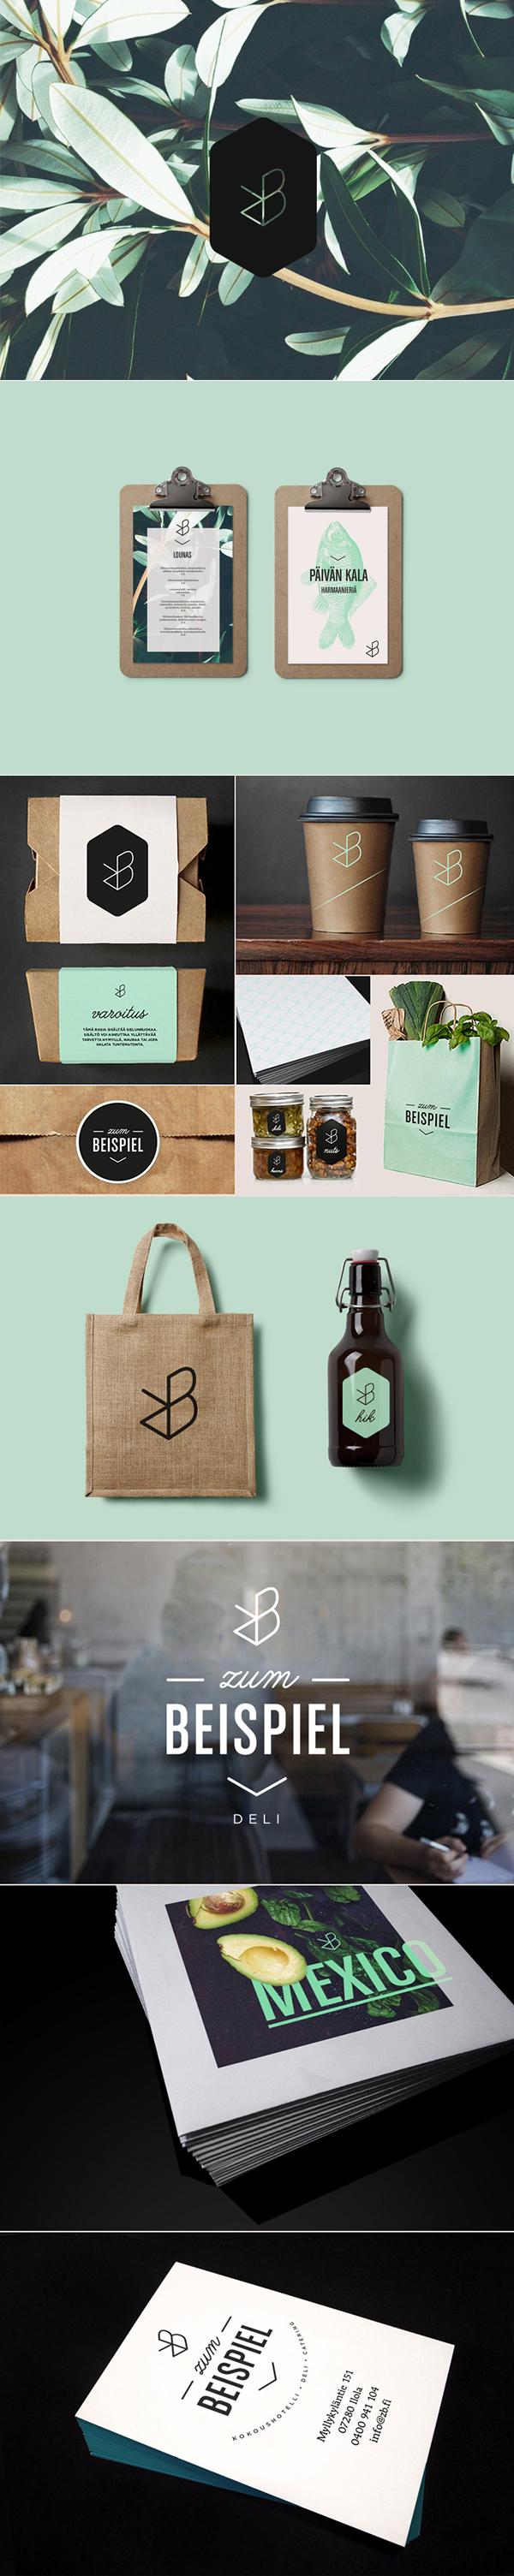 Zum Beispiel Identity On Behance Branding Design Inspiration Identity Design Branding Design